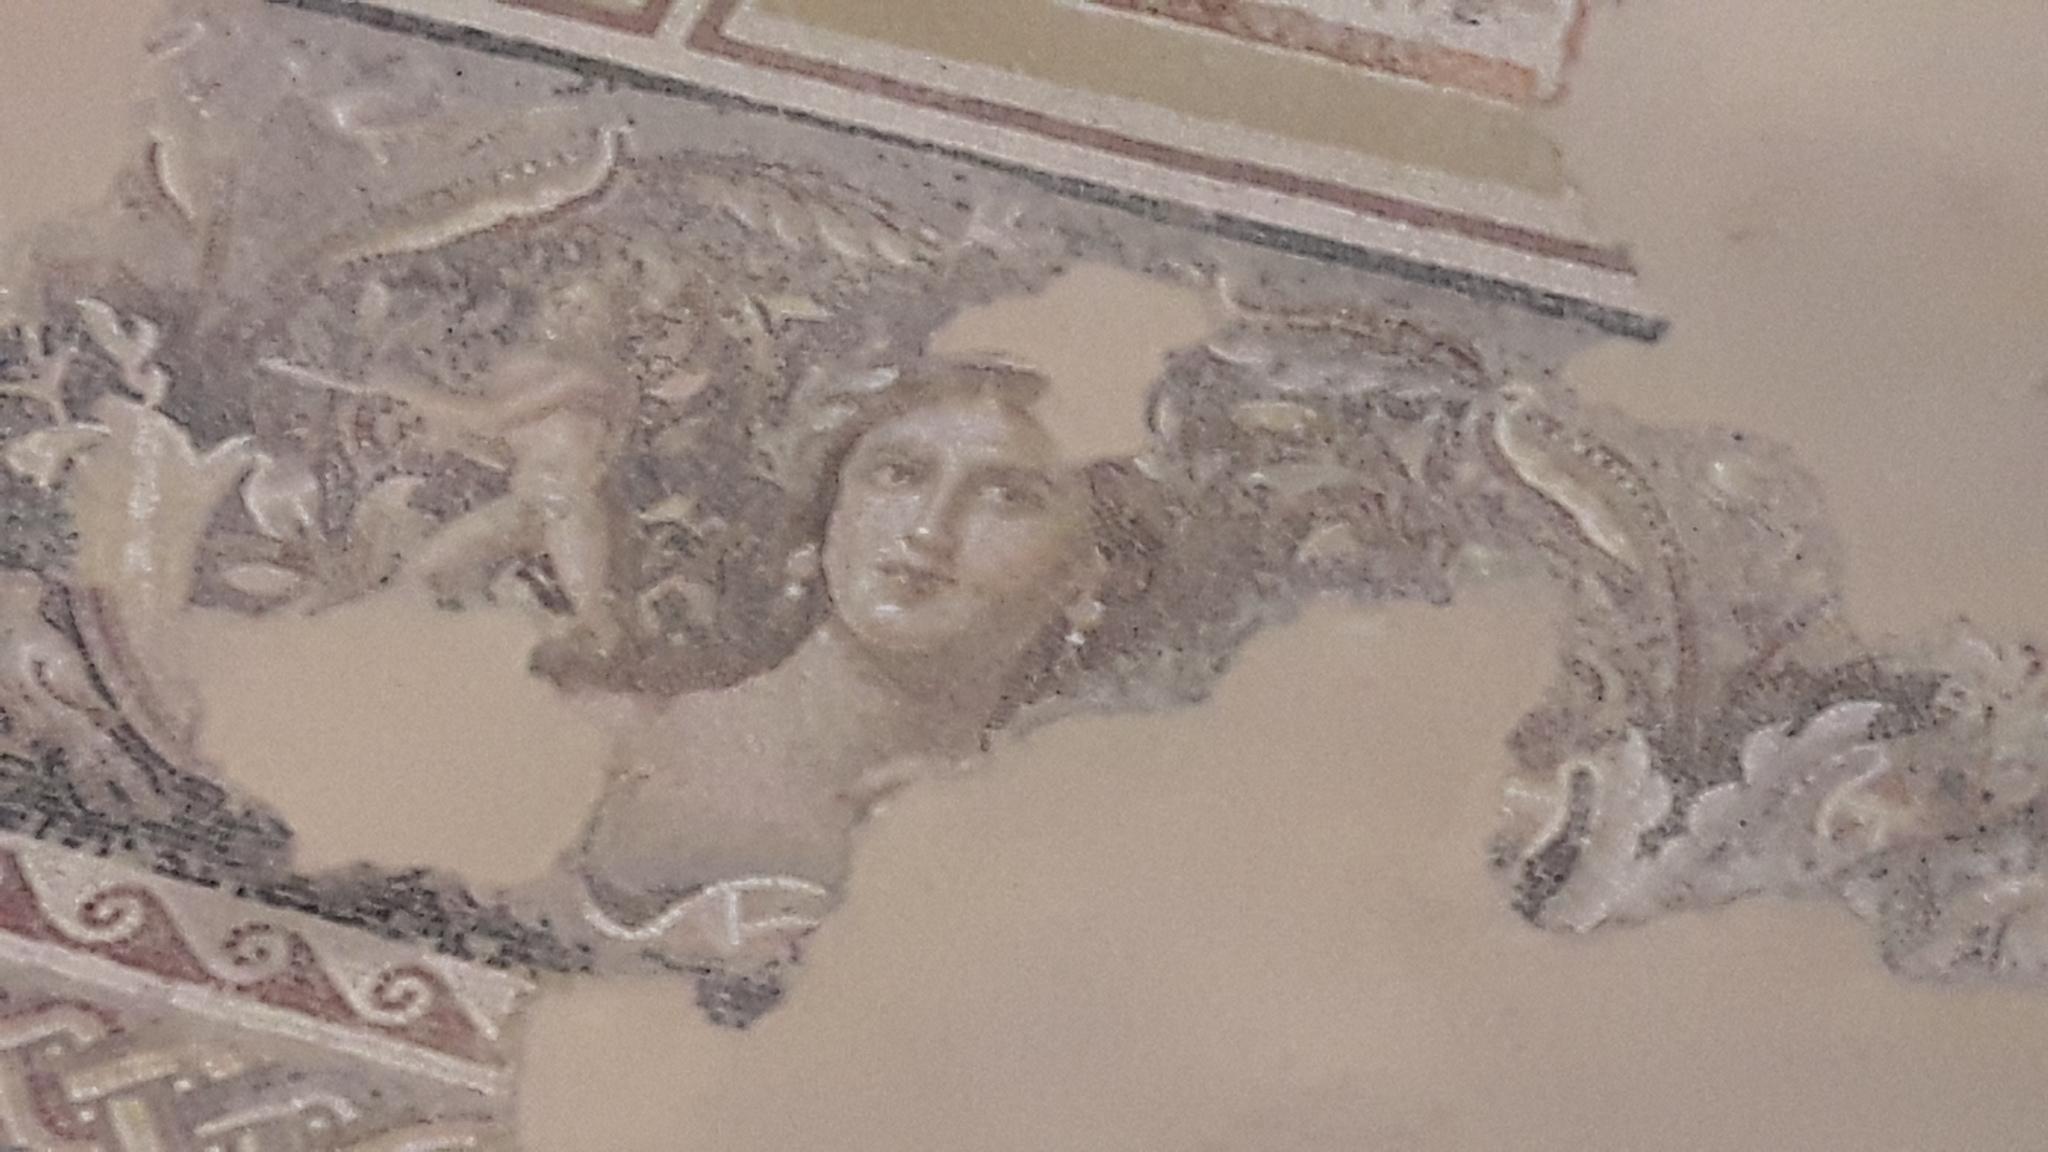 Mona Lisa, israelisch